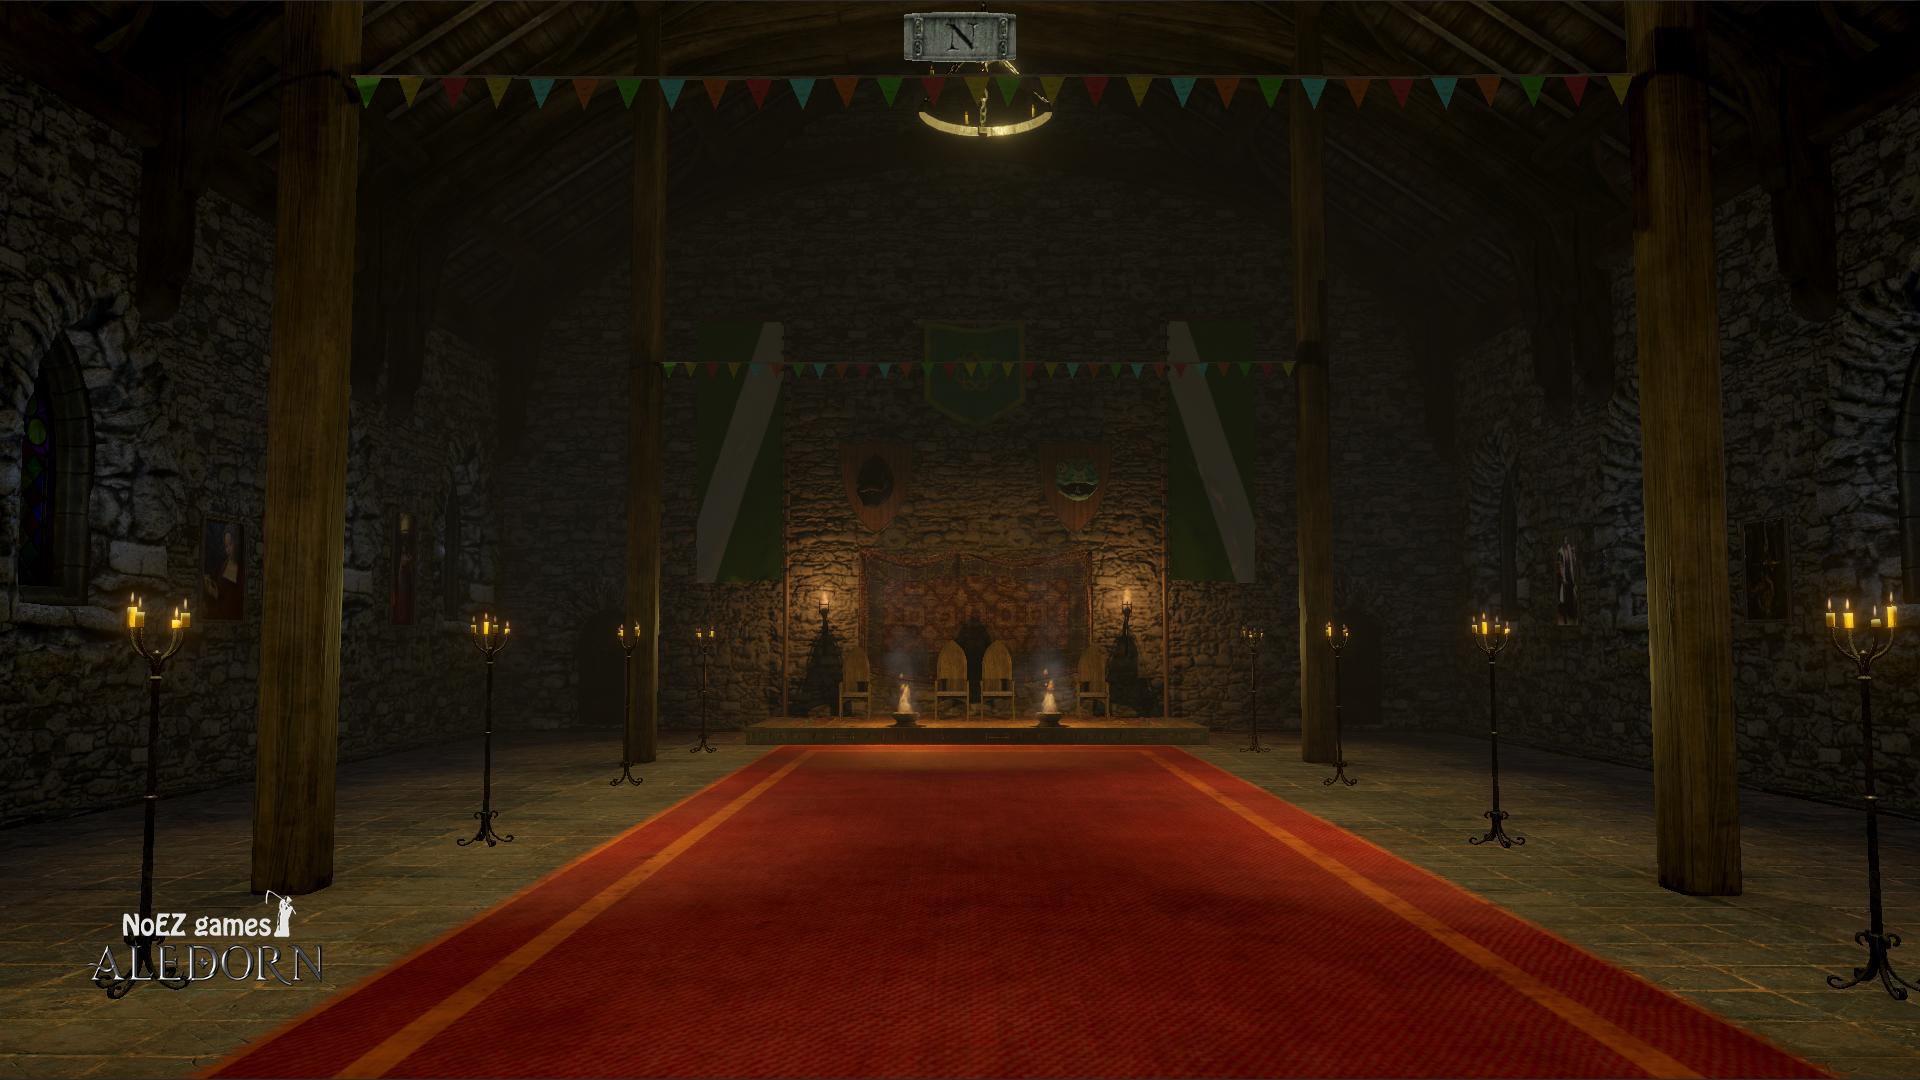 Lim - Interiors